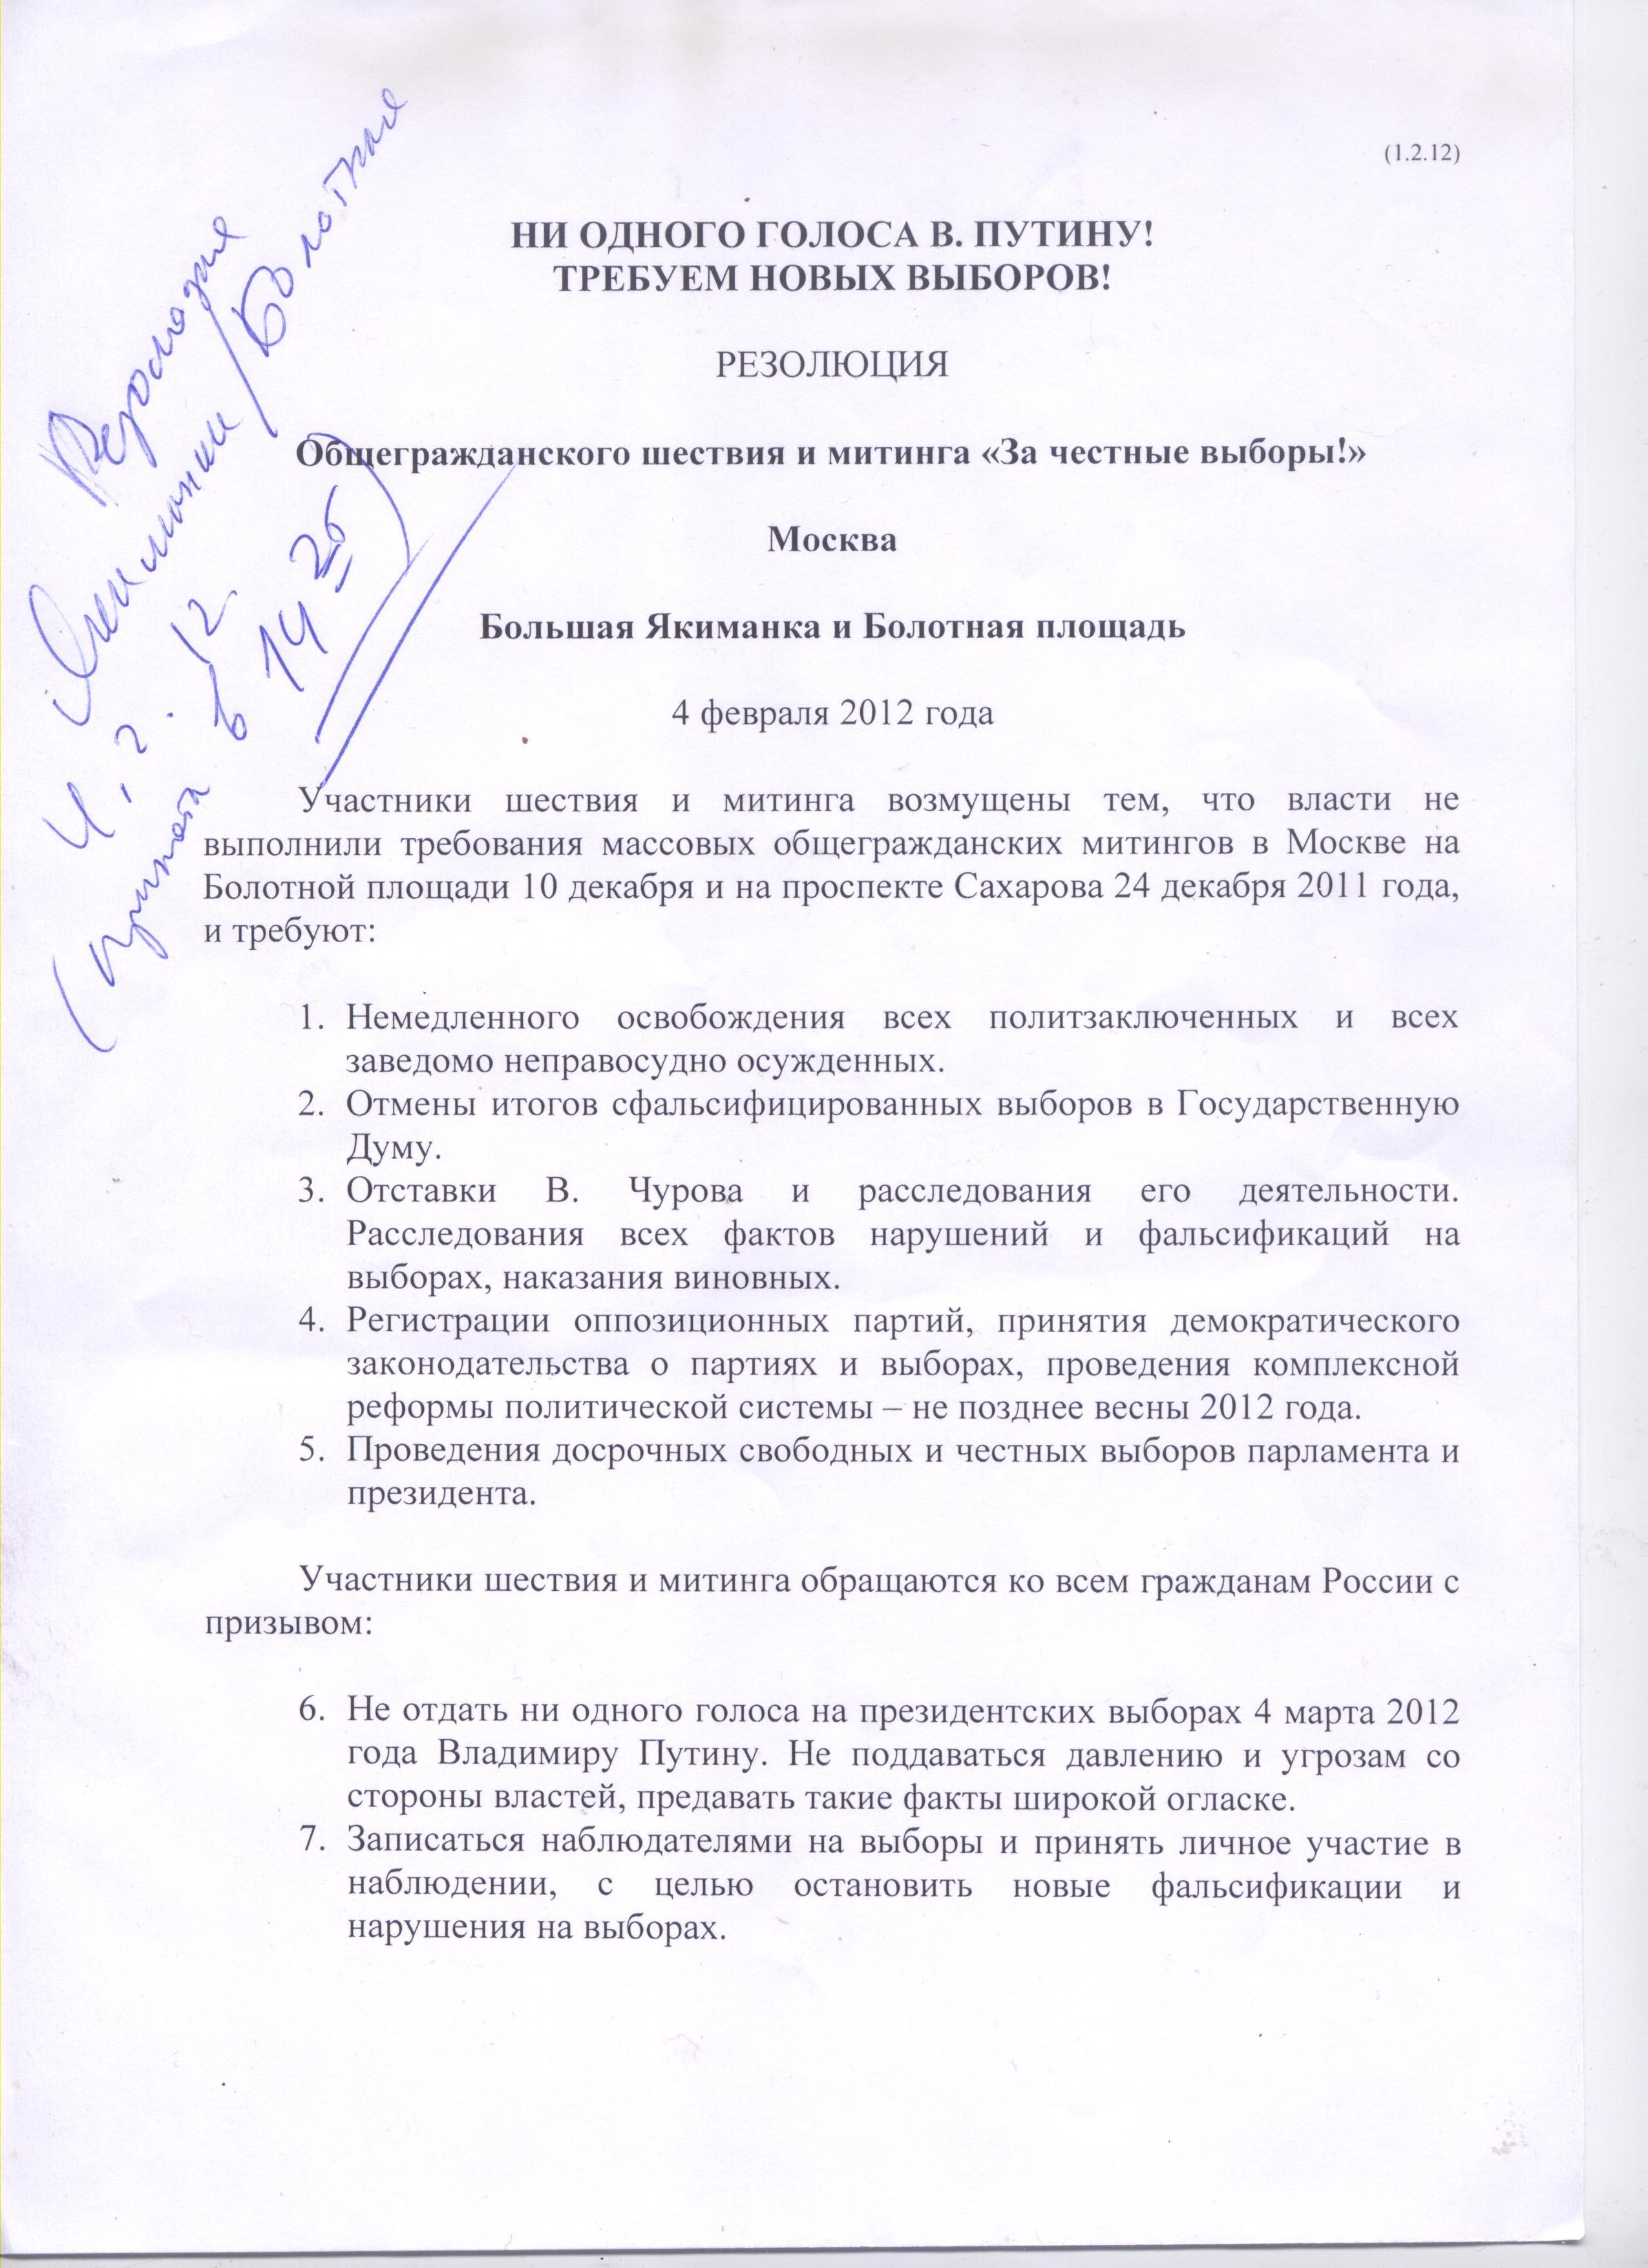 Резолюция митинга — фотография «Новой»